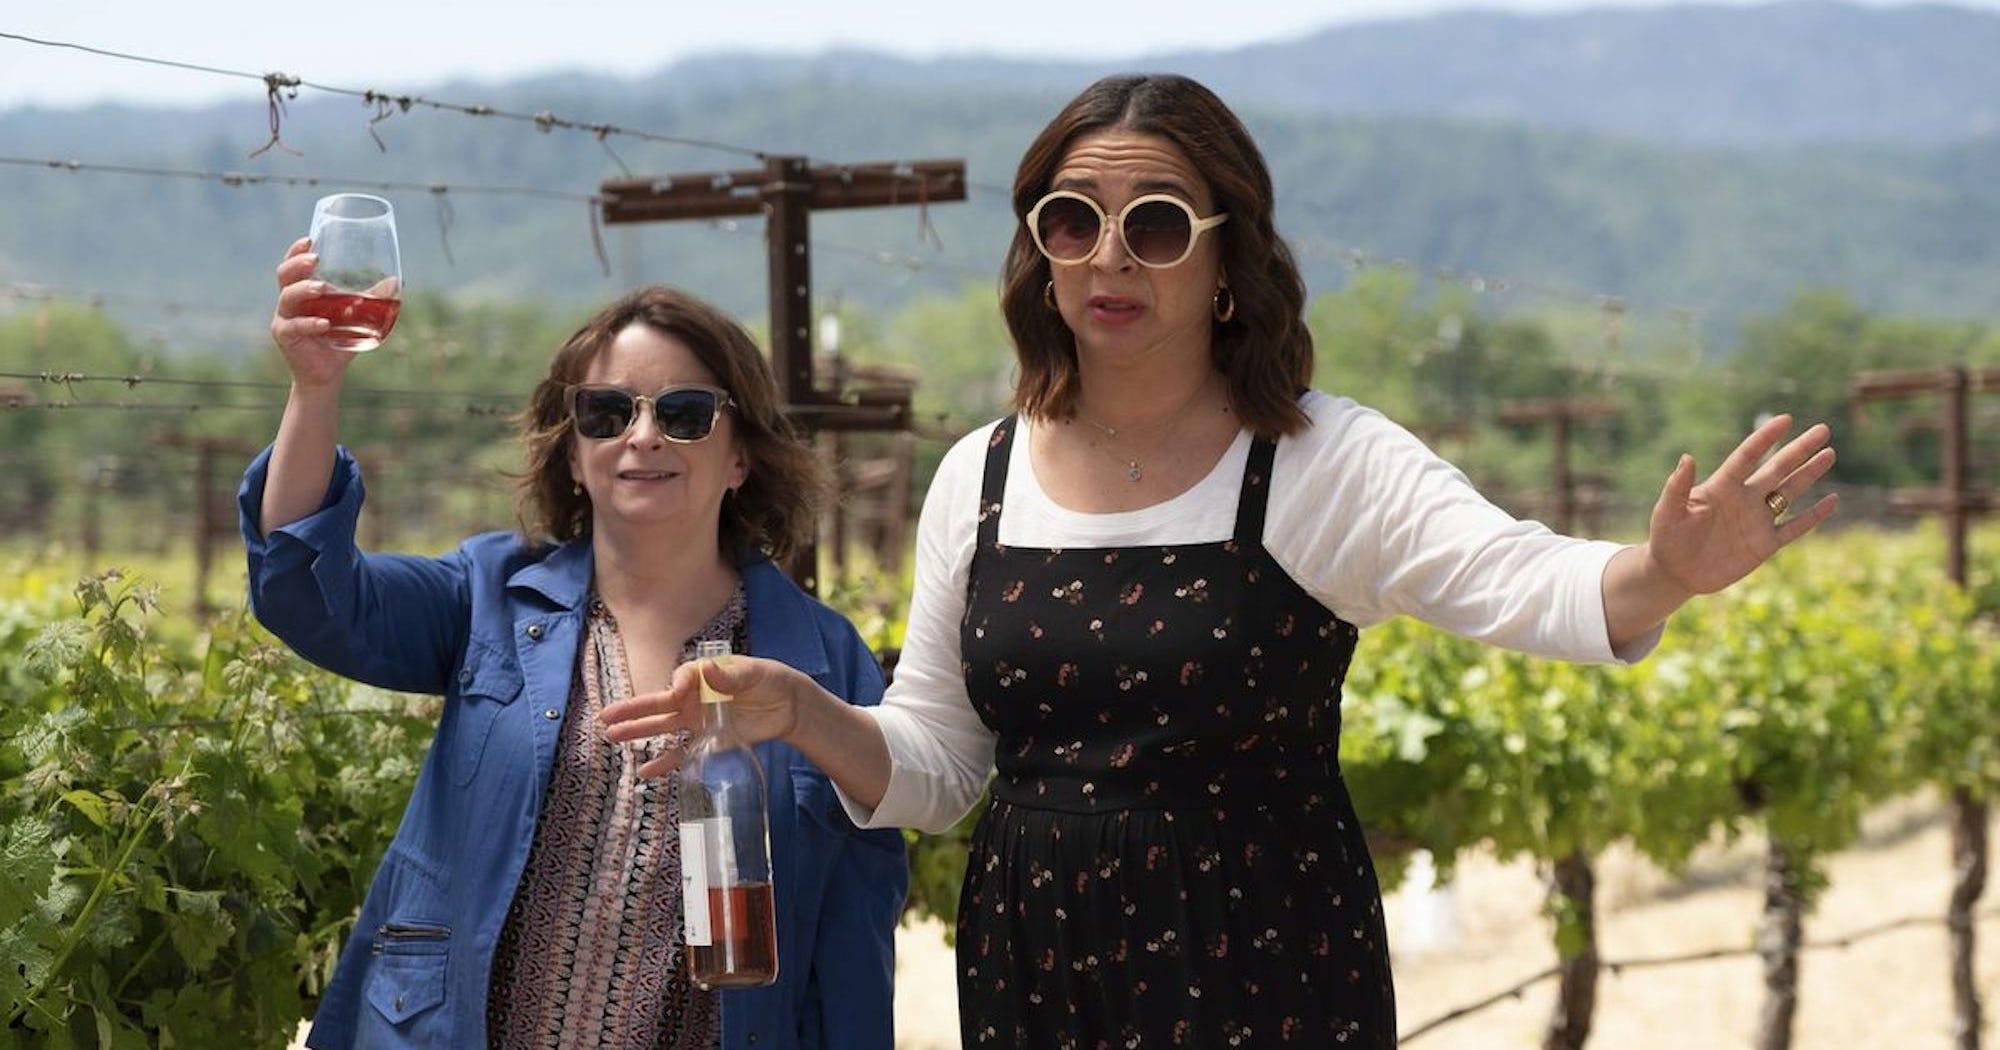 Reiseziele im Sommer: Lass dich von diesen 15 Filmen inspirieren